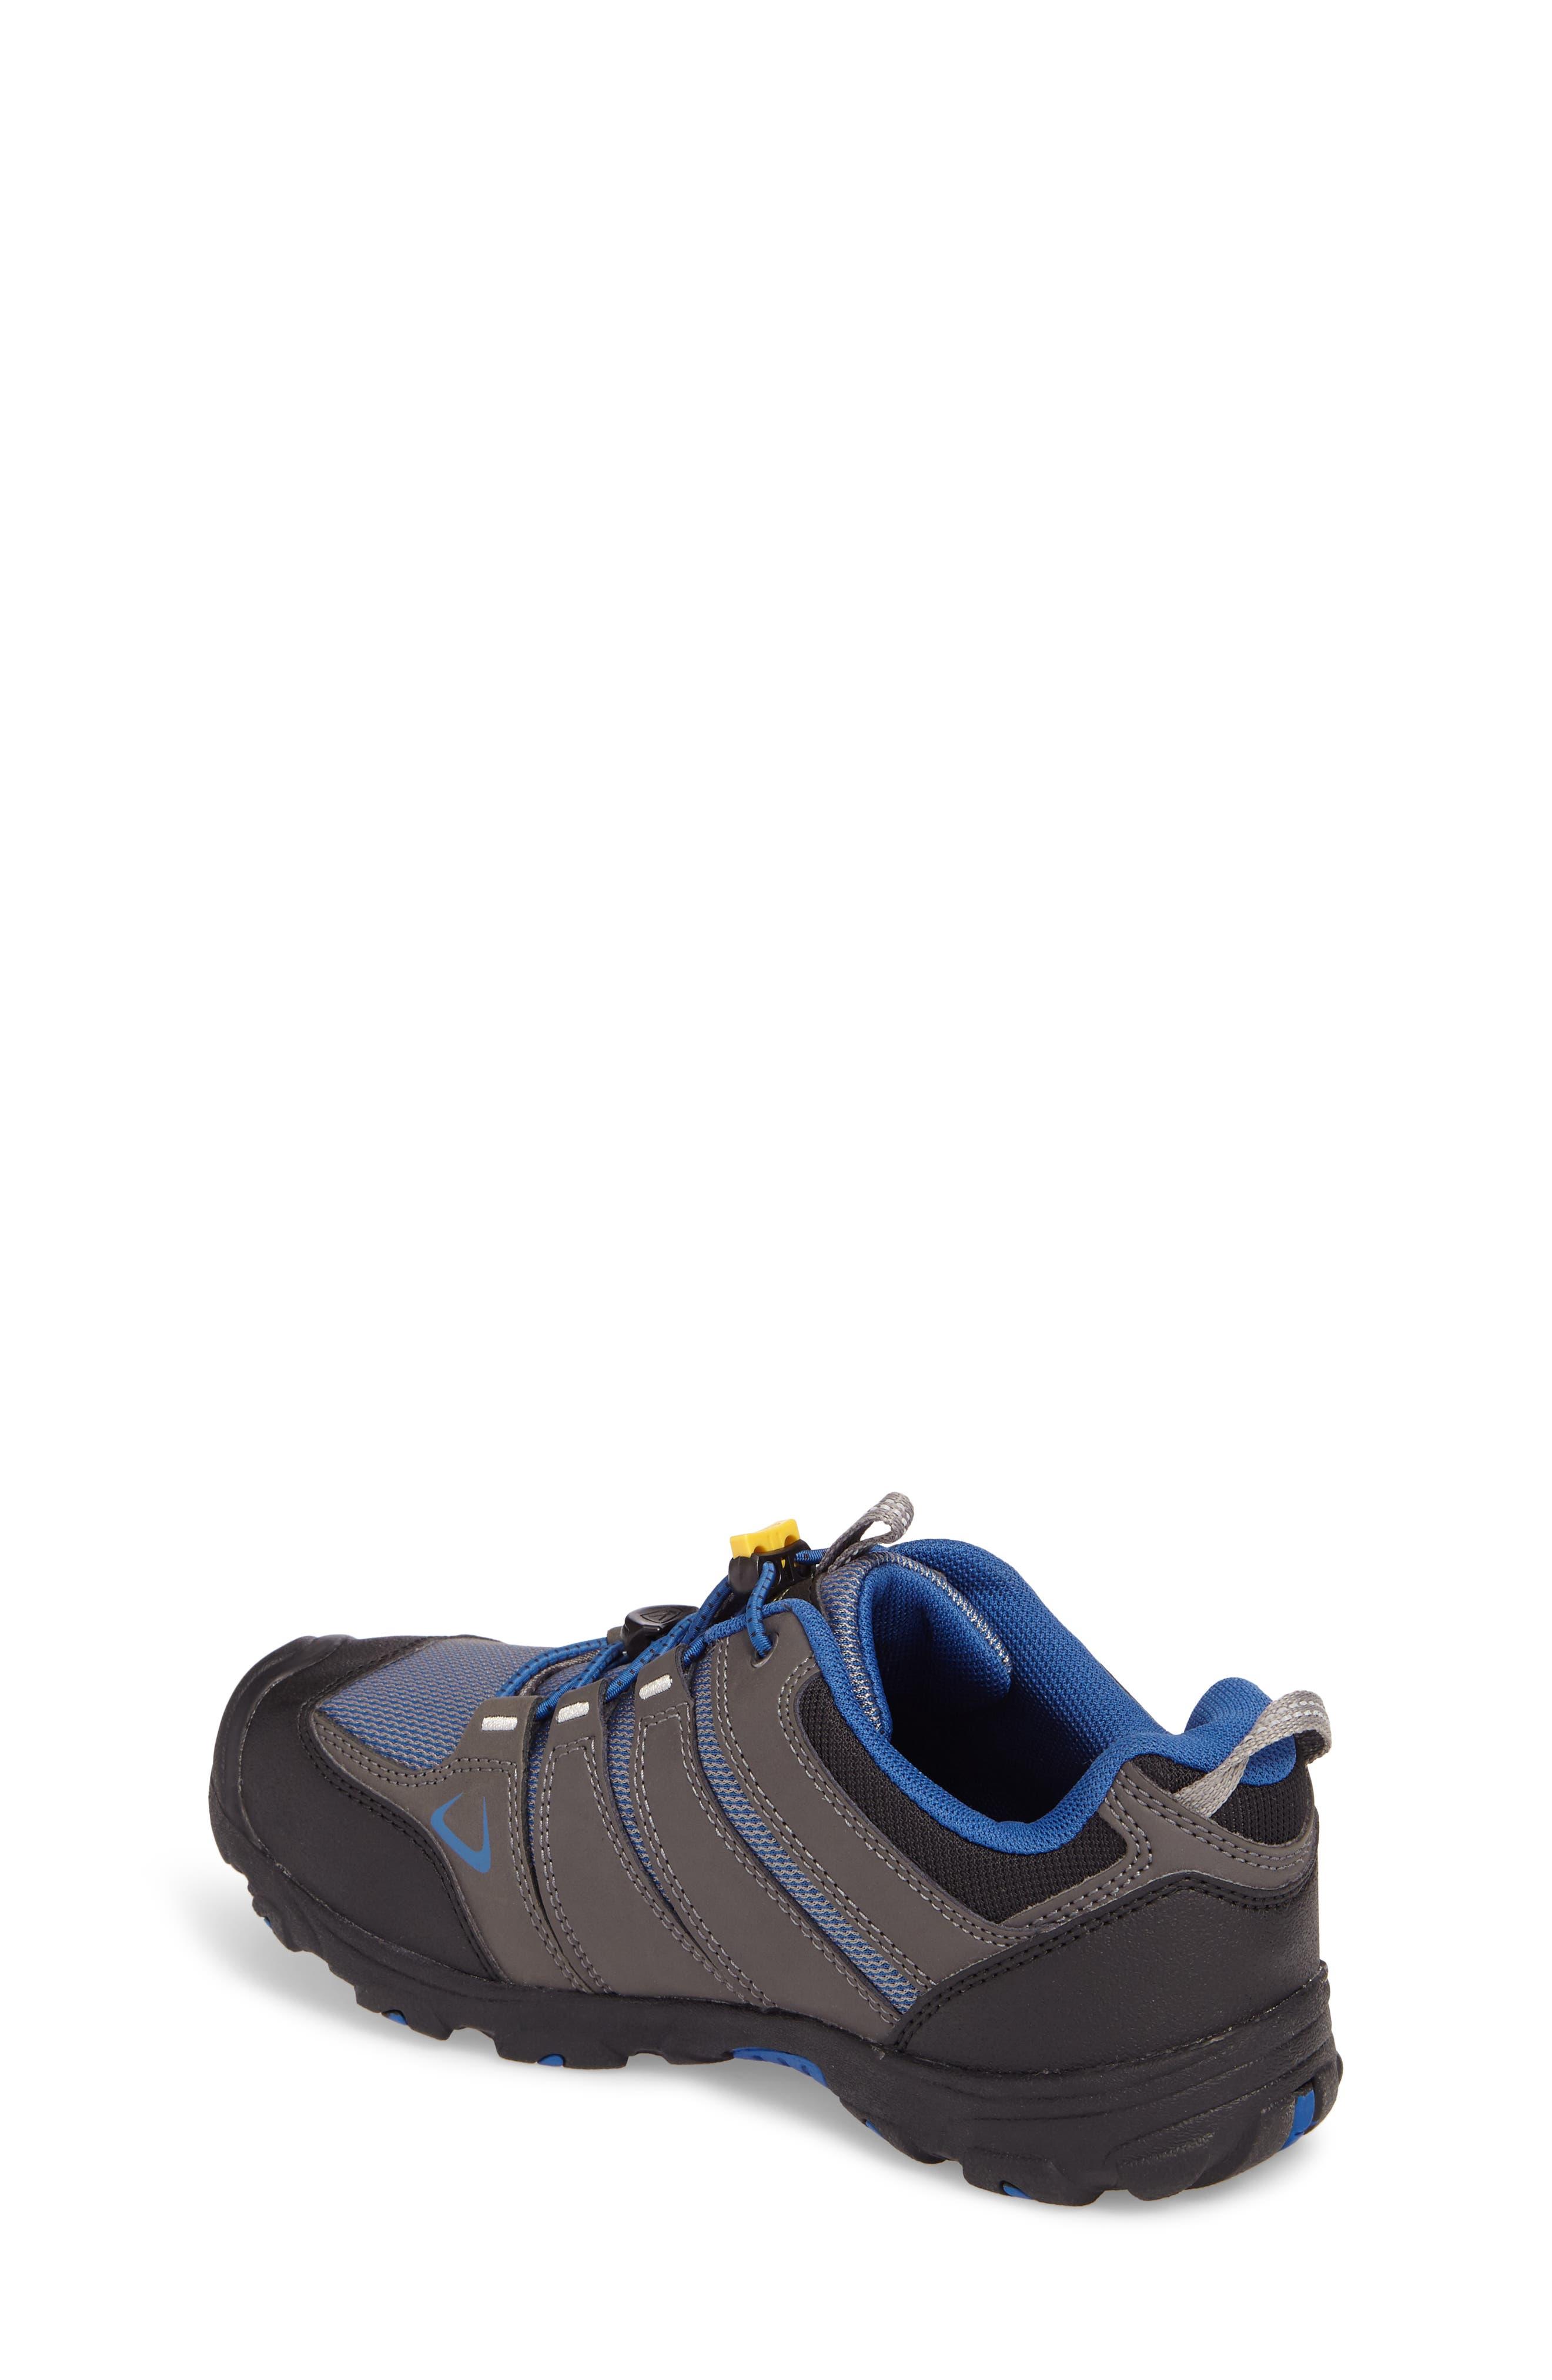 Oakridge Hiking Shoe,                             Alternate thumbnail 2, color,                             017